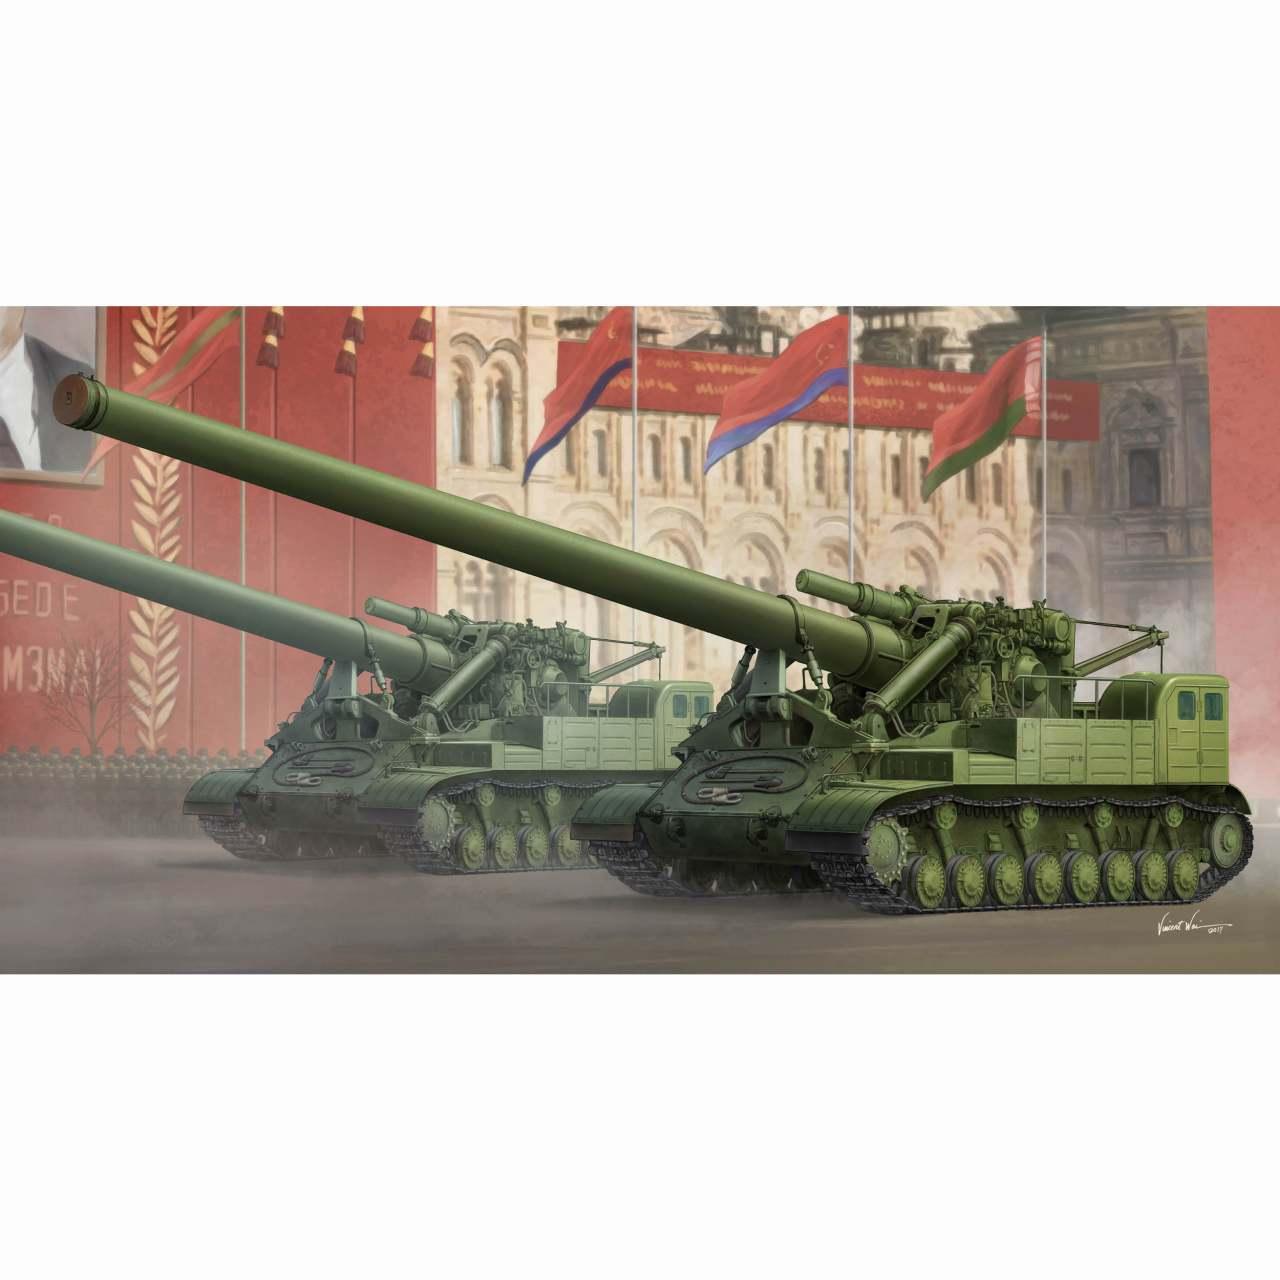 【新製品】09529 ソビエト軍 2A3 406mm自走砲 コンデンサトール